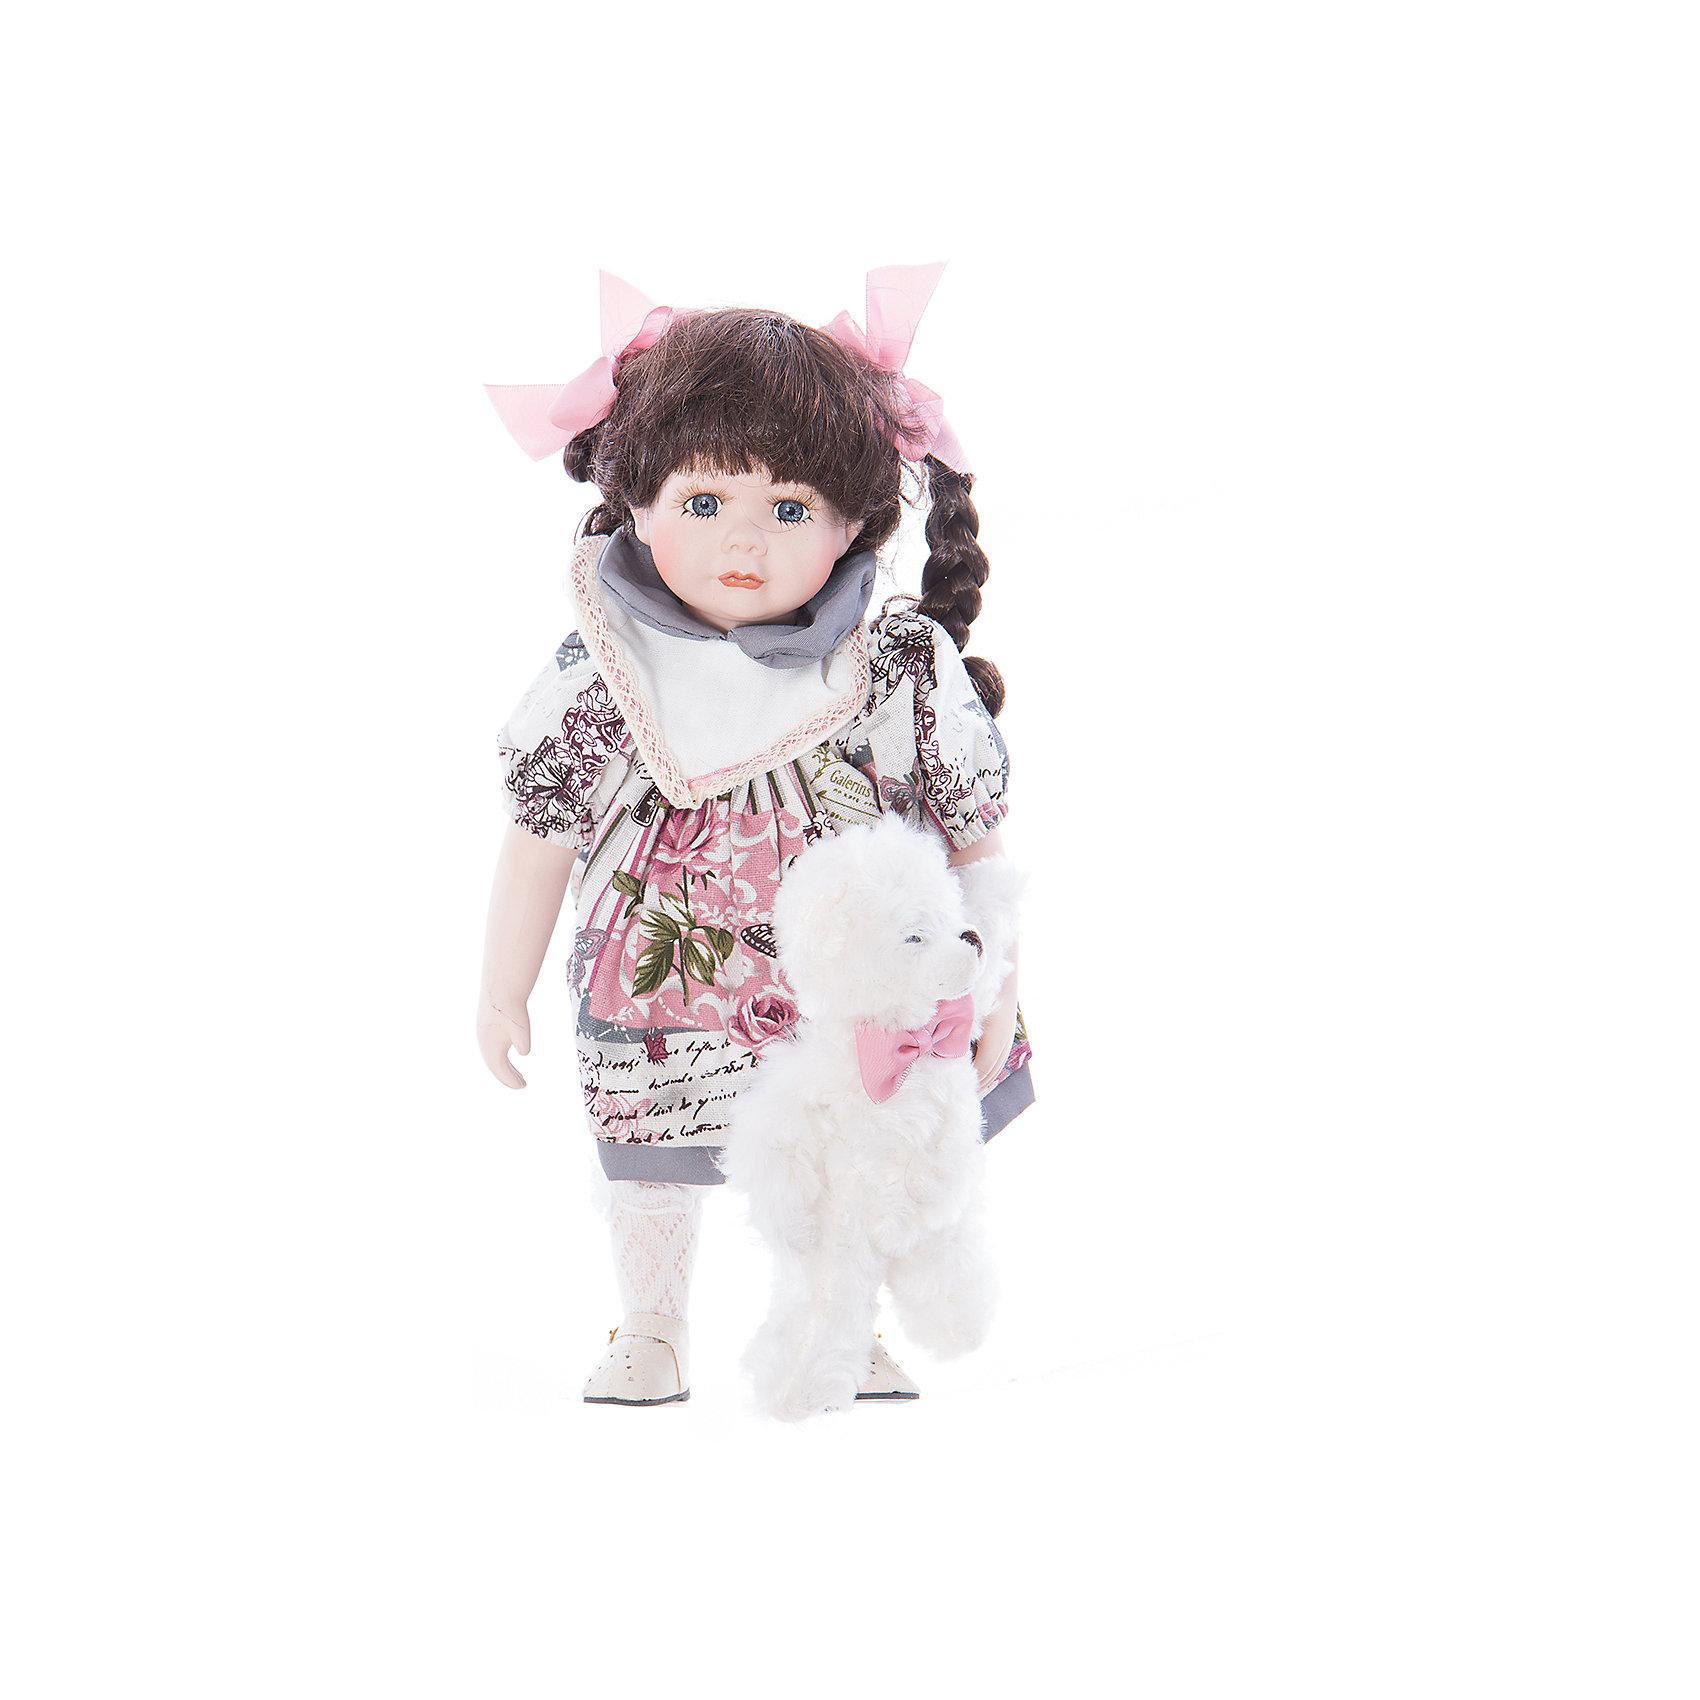 Интерьерная кукла Девочка с мишкой C21-148611, EstroПредметы интерьера<br>Характеристики интерьерной куклы:<br><br>- размеры (высота): 9,5* 15*35 см. <br>- тип игрушки: животные; фигурки<br>- персонаж: девочка и медведь <br>- вид упаковки: коробка<br>- возрастные ограничения: 3+<br>- комплектация: игрушка ( 2 шт.)<br>- состав: дерево, полиэстер, текстиль, керамика<br>- материал изготовления: фарфор, полиэстер, ткань<br>- стиль: классический, прованс<br>- бренд: Estro <br>- страна бренда: Италия<br>- страна производитель: Китай<br><br>Внешний вид куклы девочки торговой марки Estro продуман до мелочей и учитывает все нюансы. Все детали выбраны и замечательно подходят друг к другу. Представленная модель станет удачным приобретением или подарком любимому. Товар сделан из сырья превосходного качества приятного оттенка. Превосходная кукла в виде девочки будет хорошим решением для домашней коллекции. <br><br>Интерьерную куклу девочка с медвежонком итальянской торговой марки Estro можно купить в нашем интернет-магазине.<br><br>Ширина мм: 100<br>Глубина мм: 150<br>Высота мм: 350<br>Вес г: 692<br>Возраст от месяцев: 36<br>Возраст до месяцев: 1188<br>Пол: Женский<br>Возраст: Детский<br>SKU: 5356615